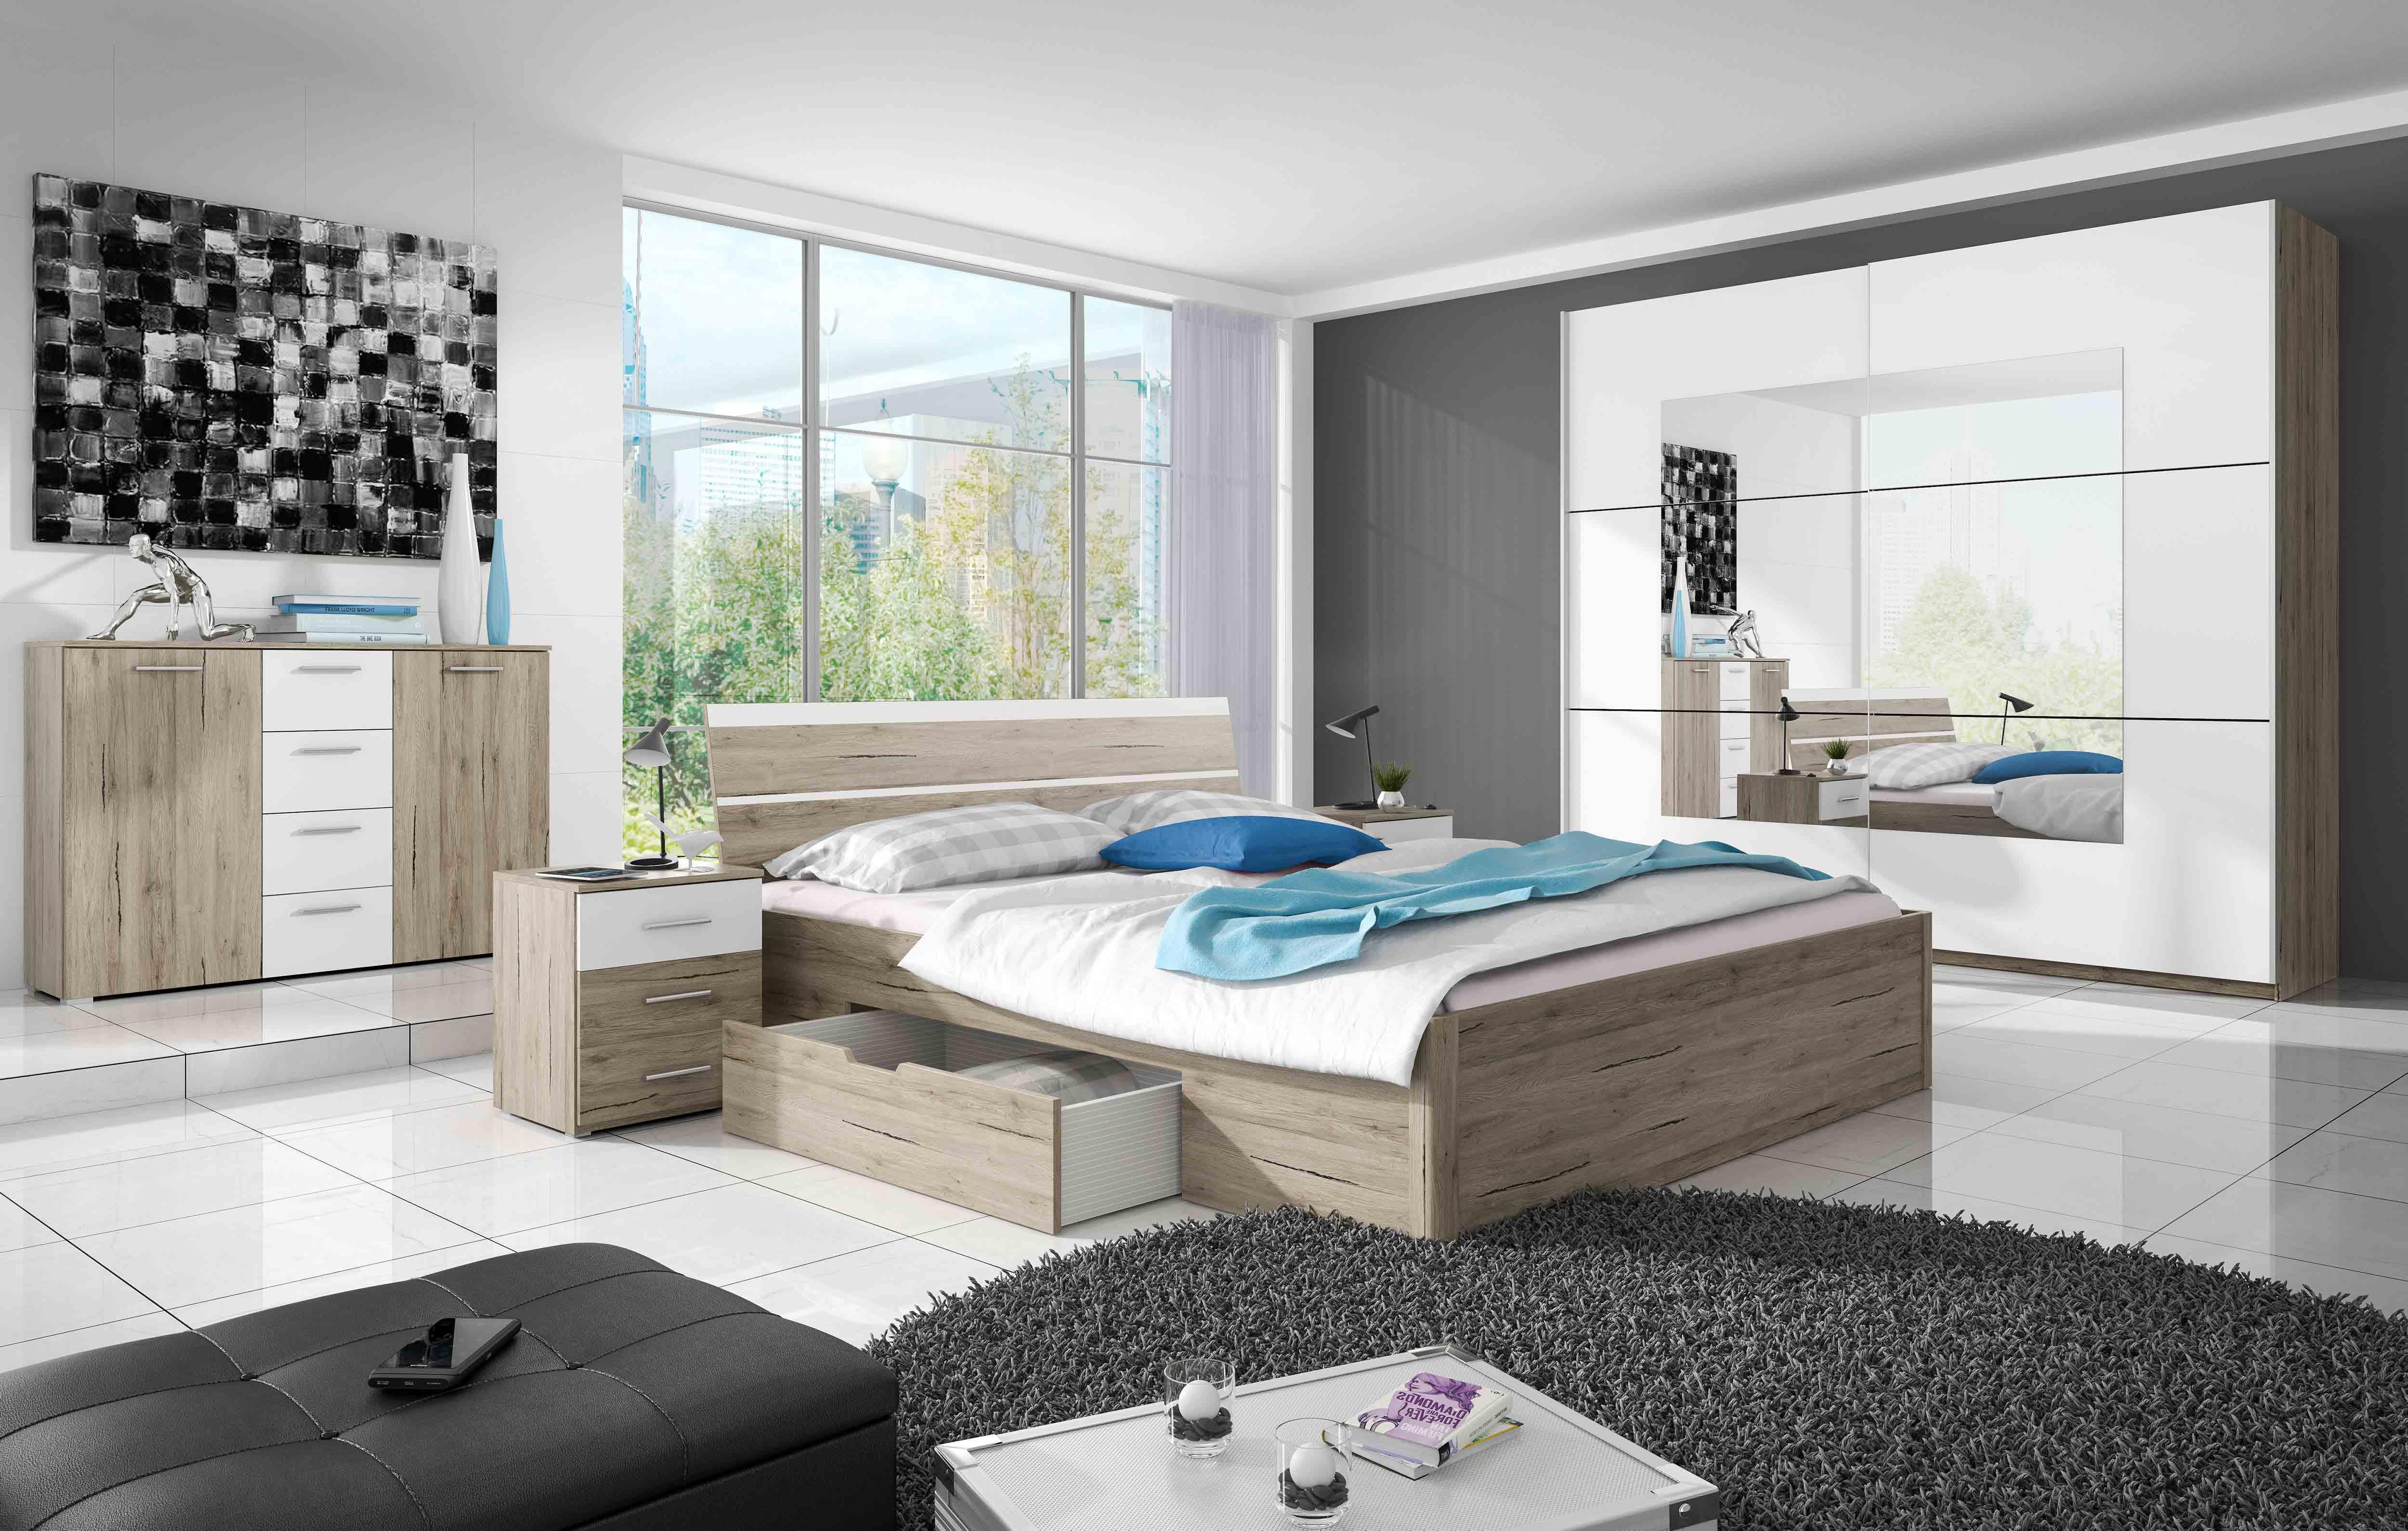 ArtElb Spálňa DELTA Beta: Spálňova zostava BETA / posteľ 160 x 200